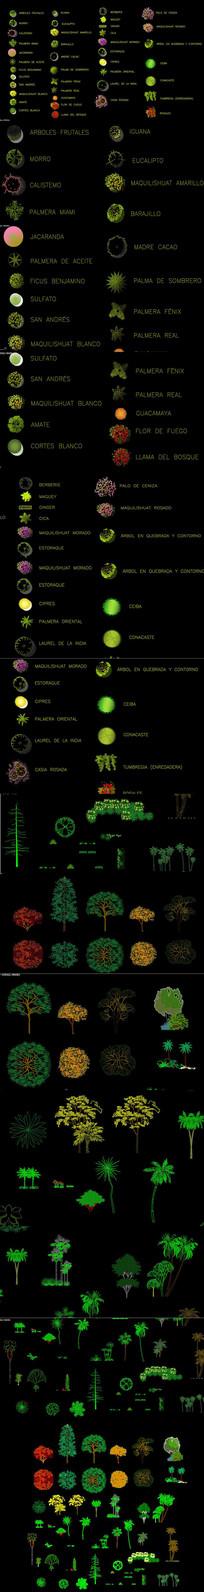 最新植物树木CAD图库